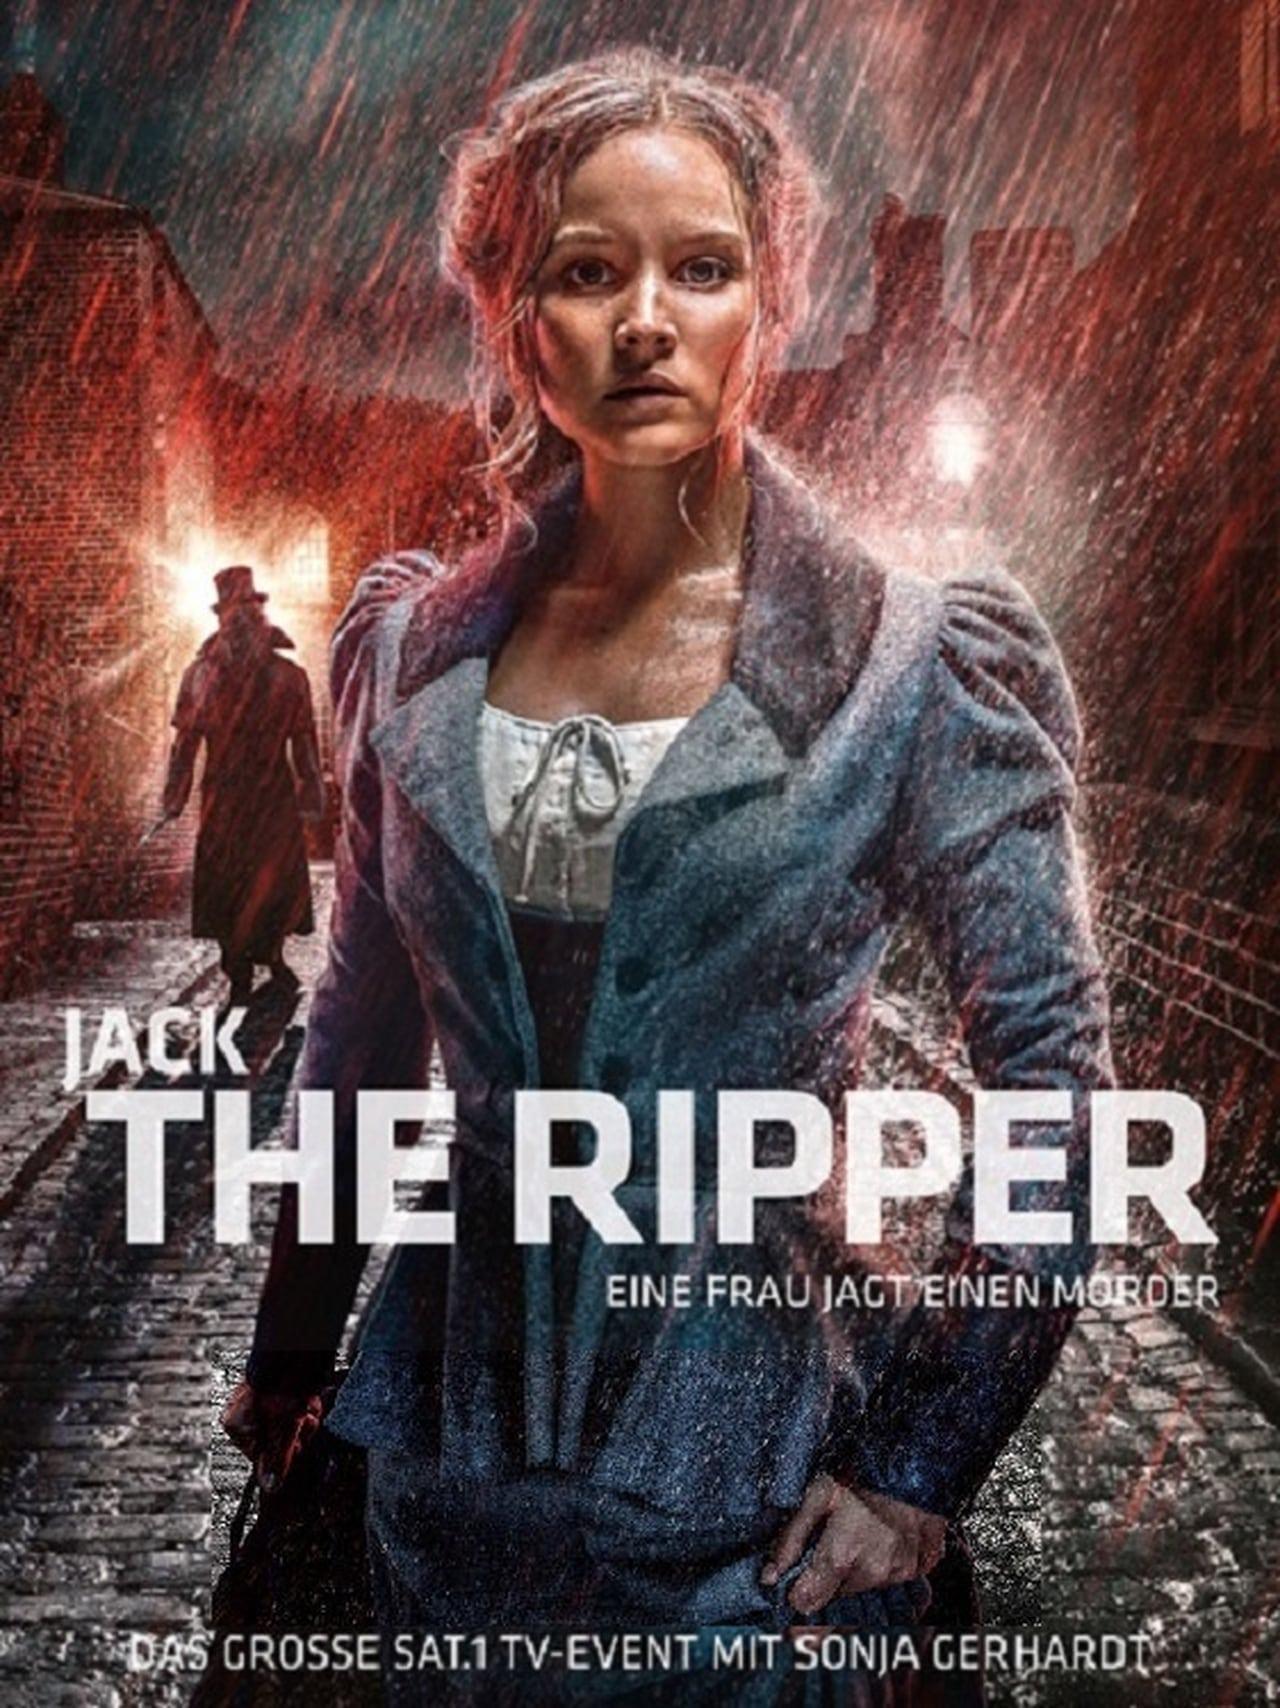 Jack the Ripper - Eine Frau jagt einen Mörder (2016)